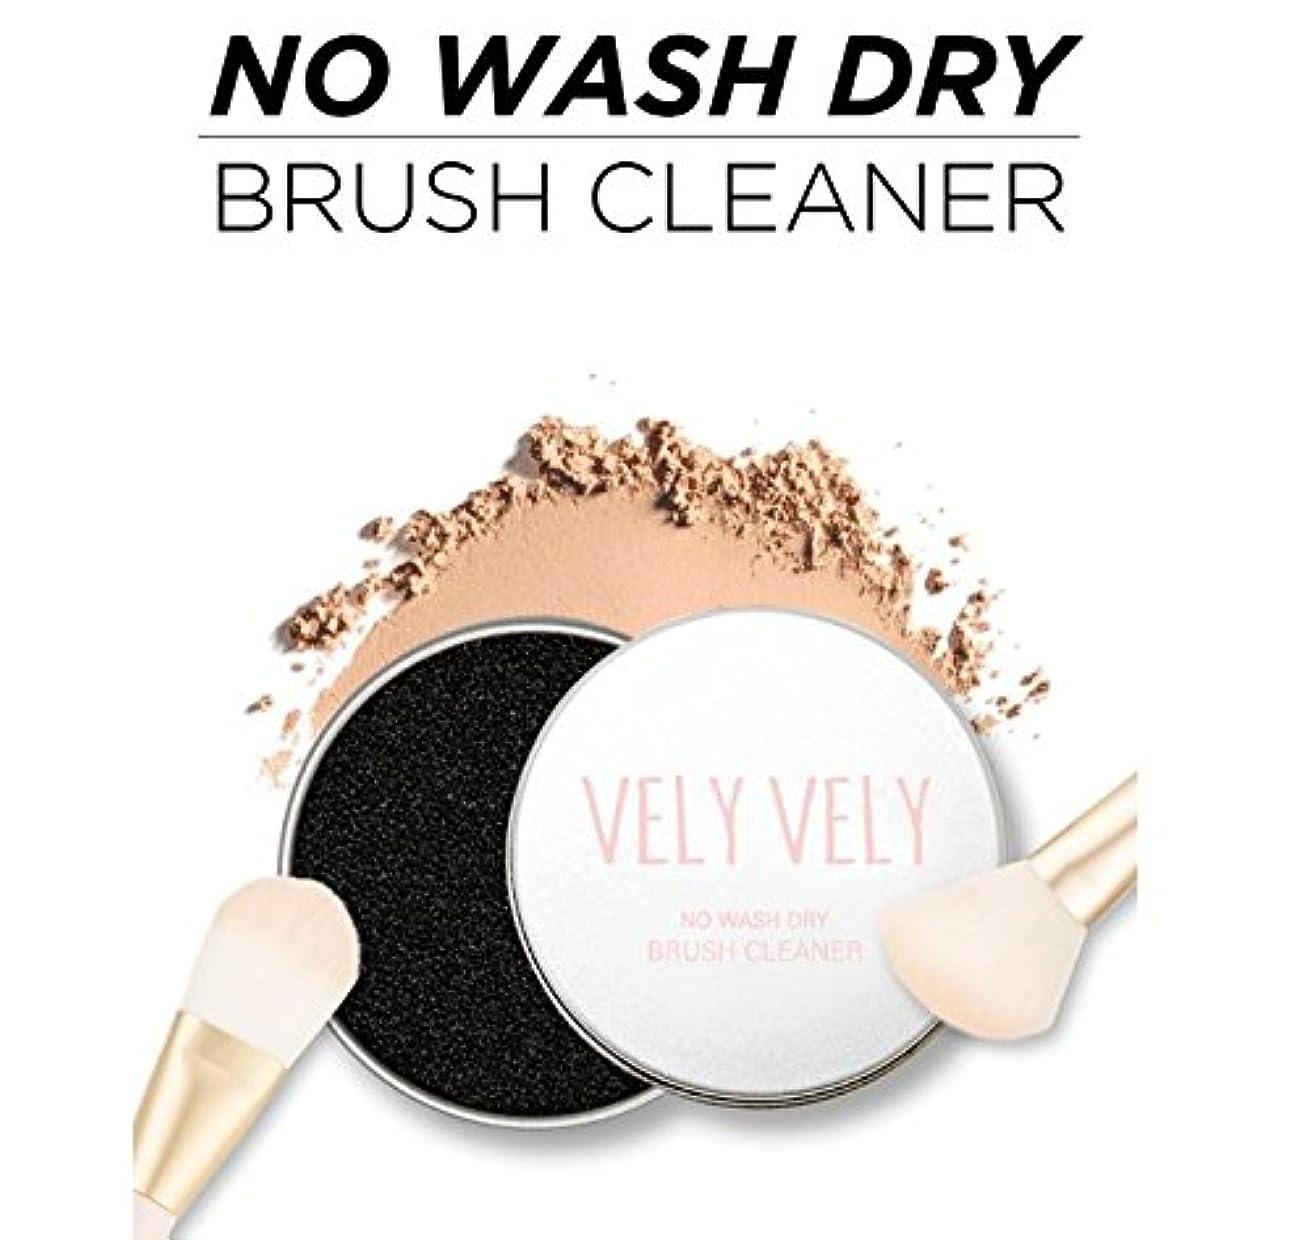 フラフープストロークビヨン[VELY VELY]韓国で大人気の製品?ノーウォッシュ?ドライ?ブラシクリーナー(No Wash Dry Brush Cleaner) [並行輸入品]